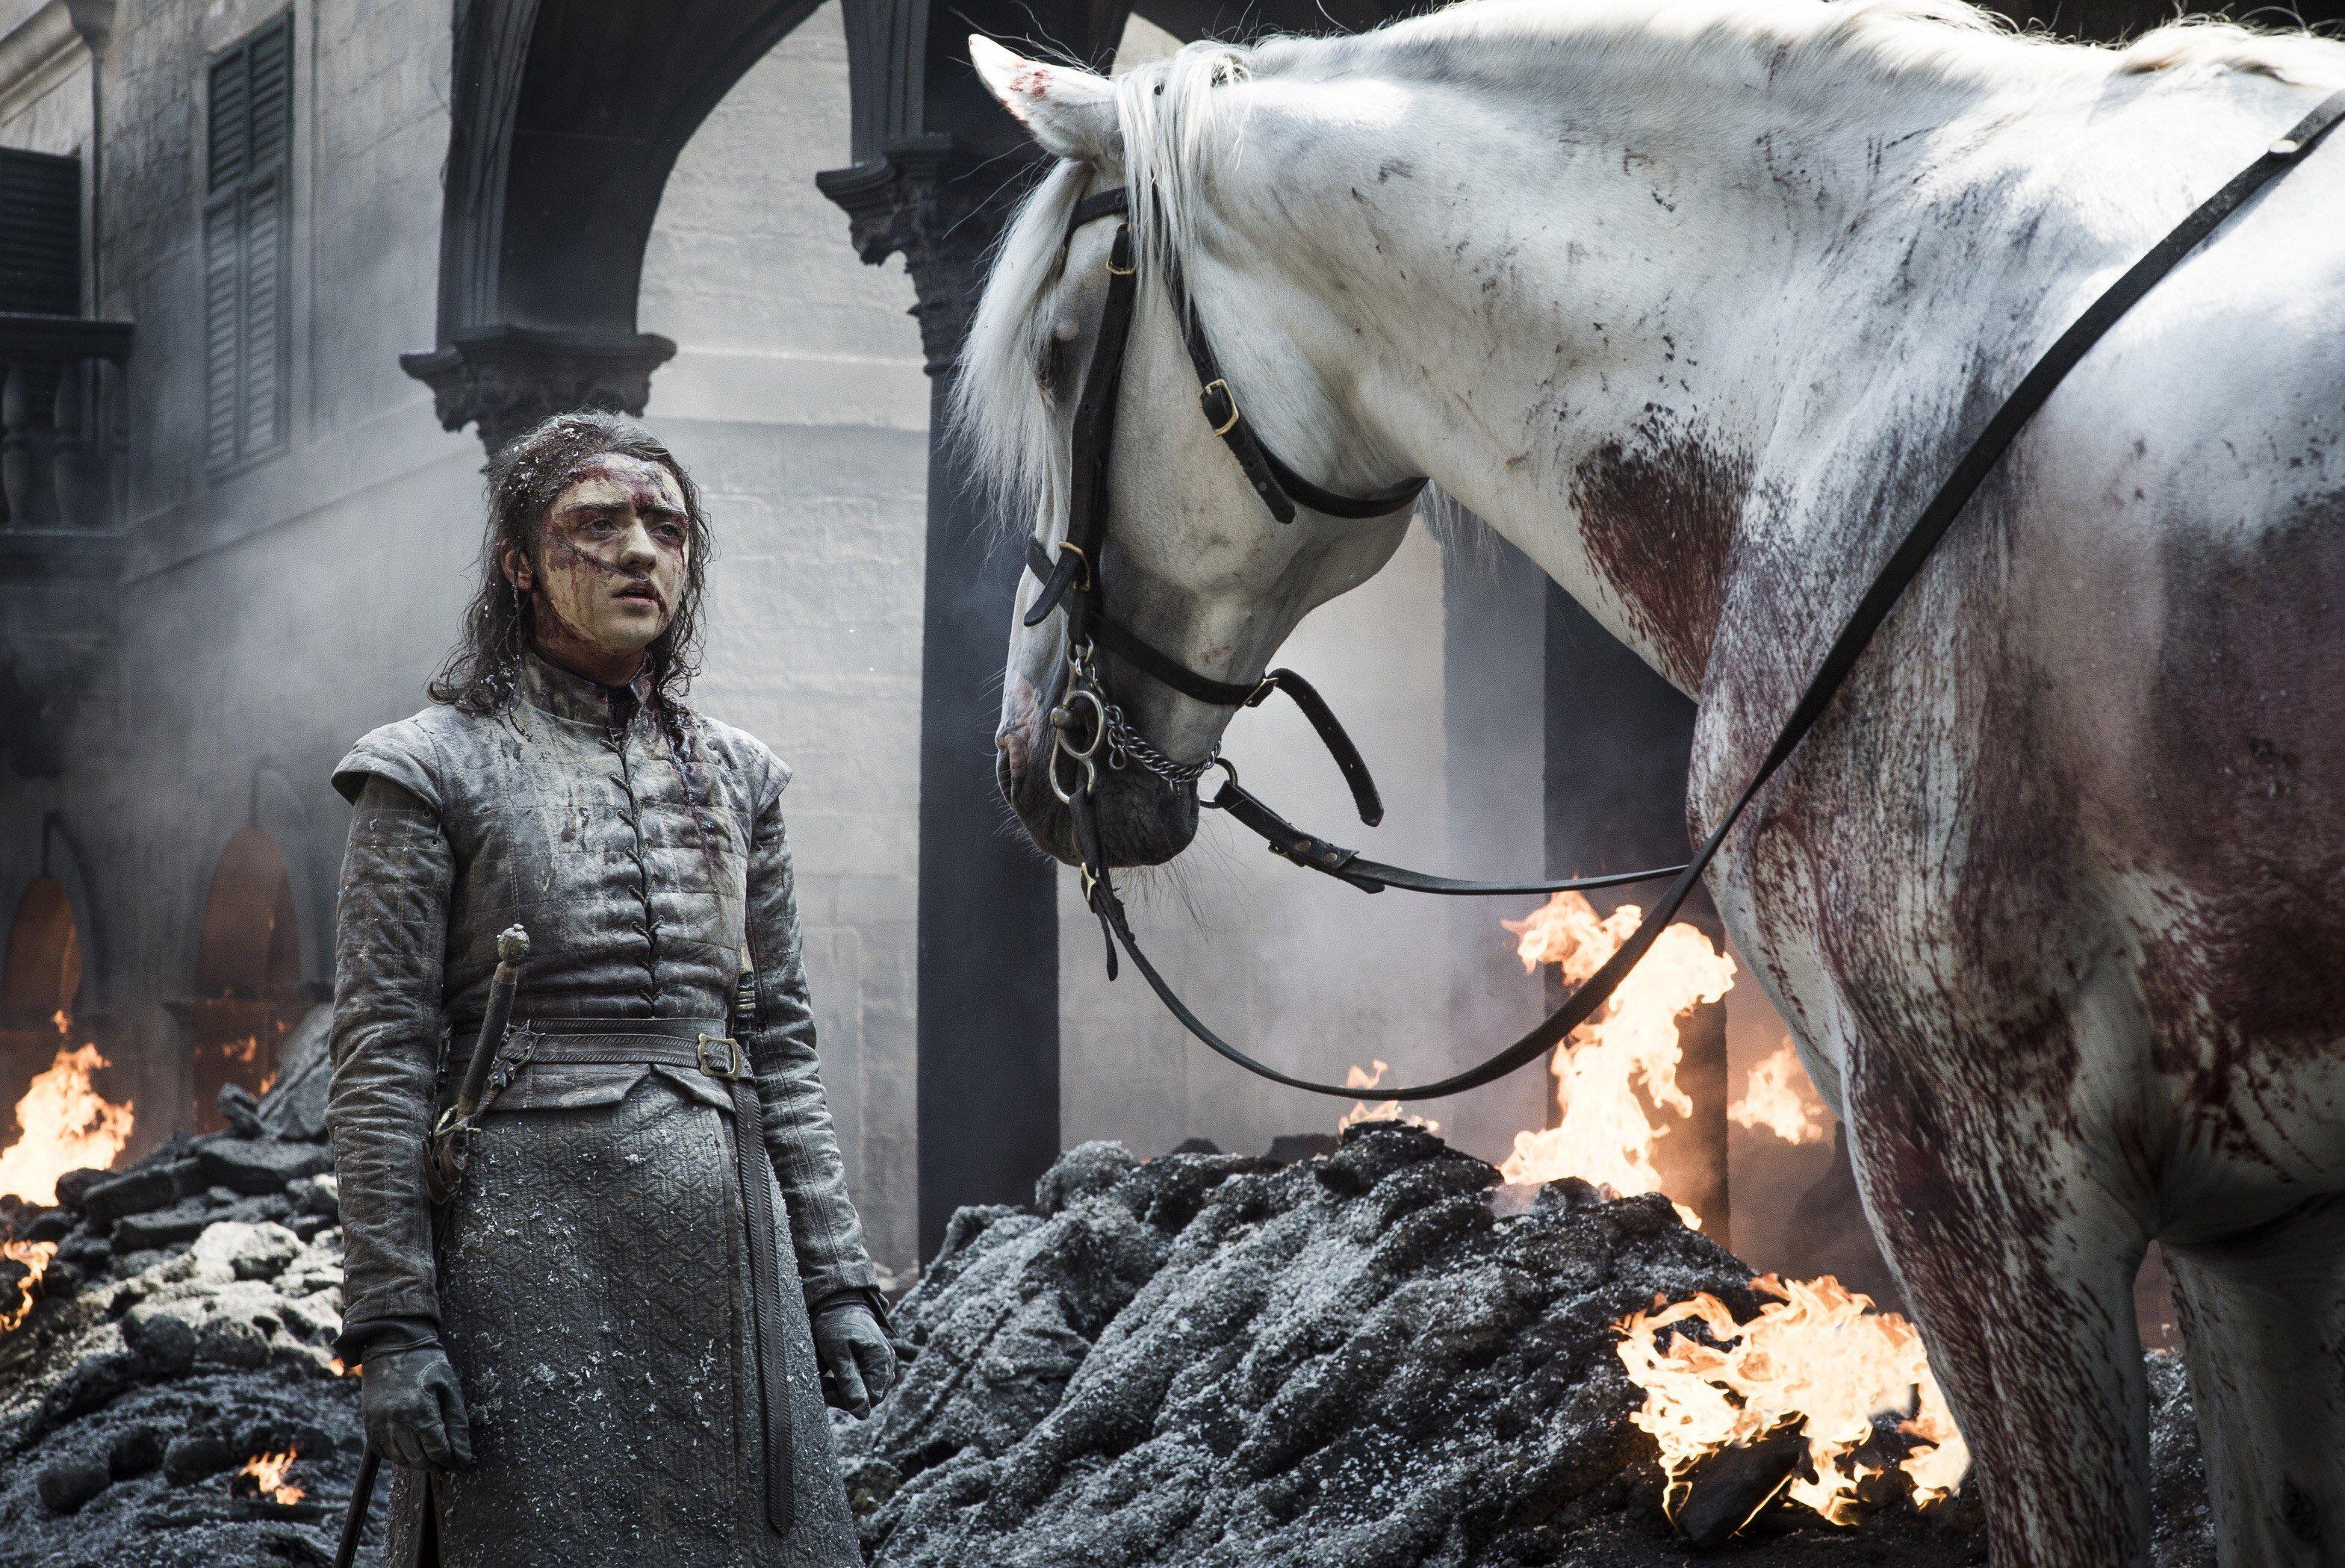 17 λεπτομέρειες στο πέμπτο επεισόδιο του Game of Thrones που ίσως δεν